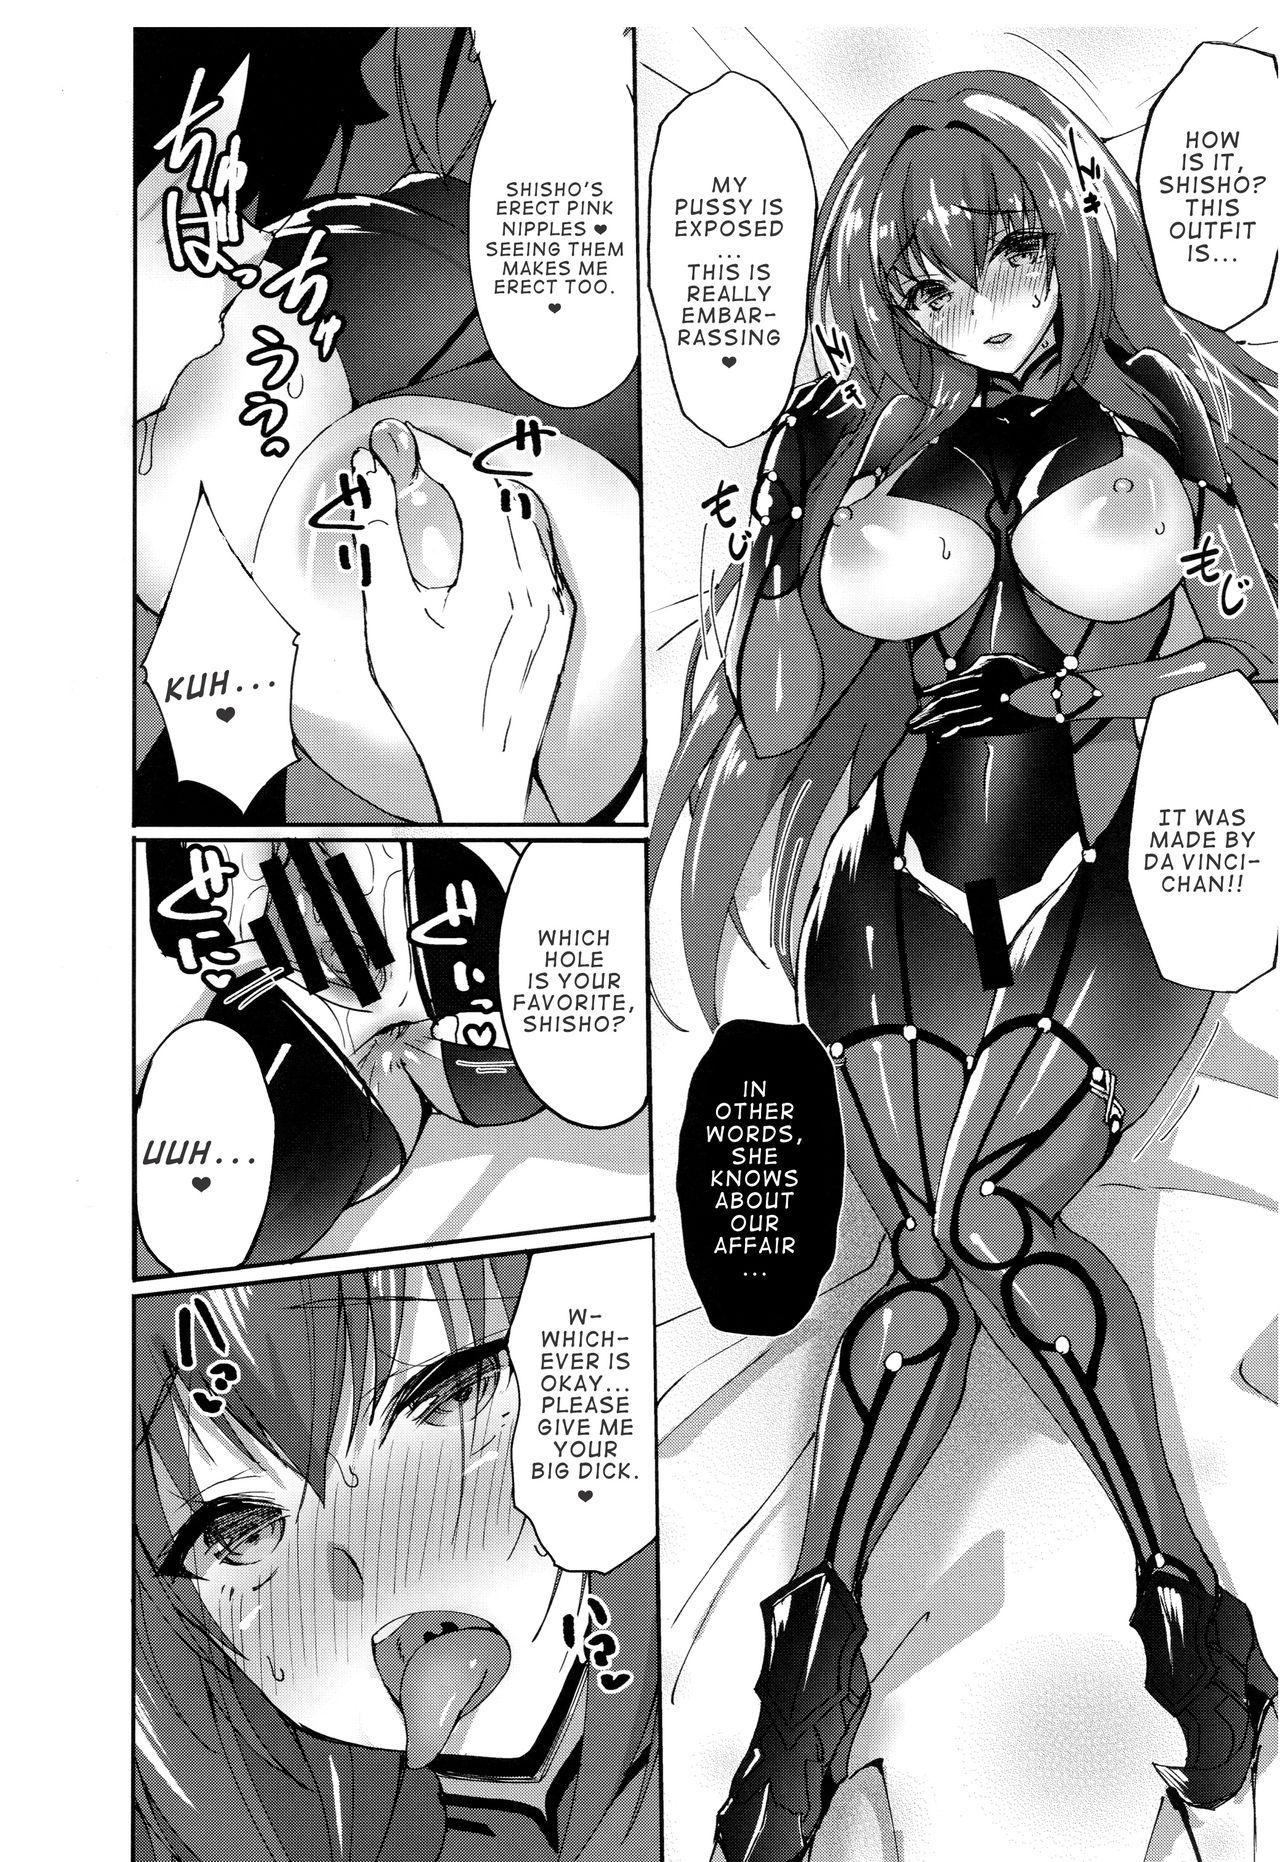 Jibun ni Marude Kyoumi ga Nai Shishou ni Cosplay SEX de Onna no Yorokobi o Sashiugatteiku Seikatsu 14